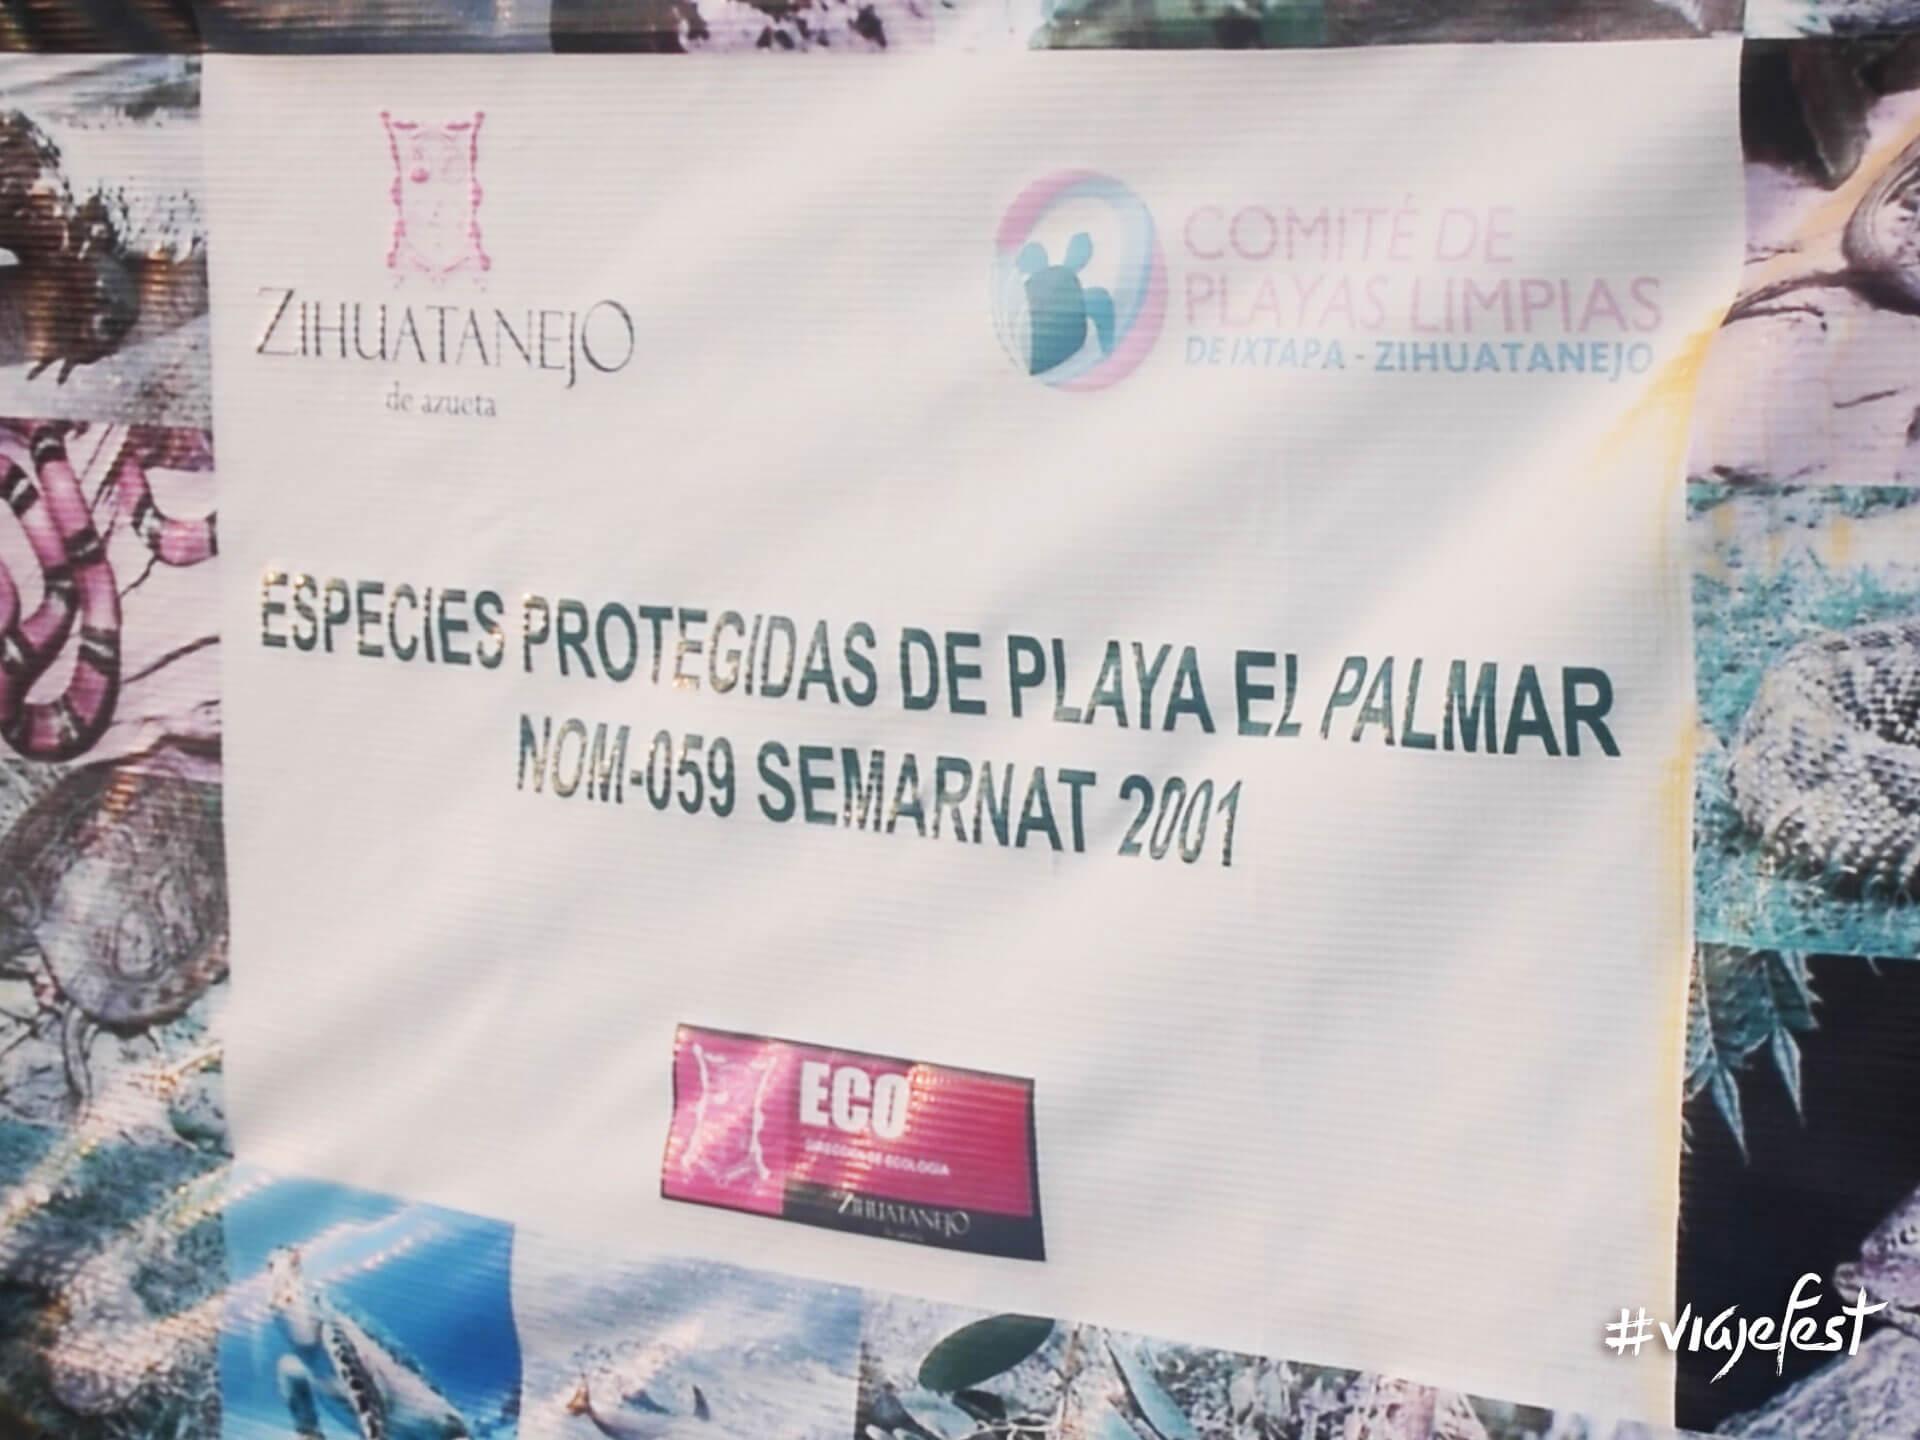 Comité de Playas Limpias de Ixtapa-Zihuatanejo encargado de la liberación de tortugas.